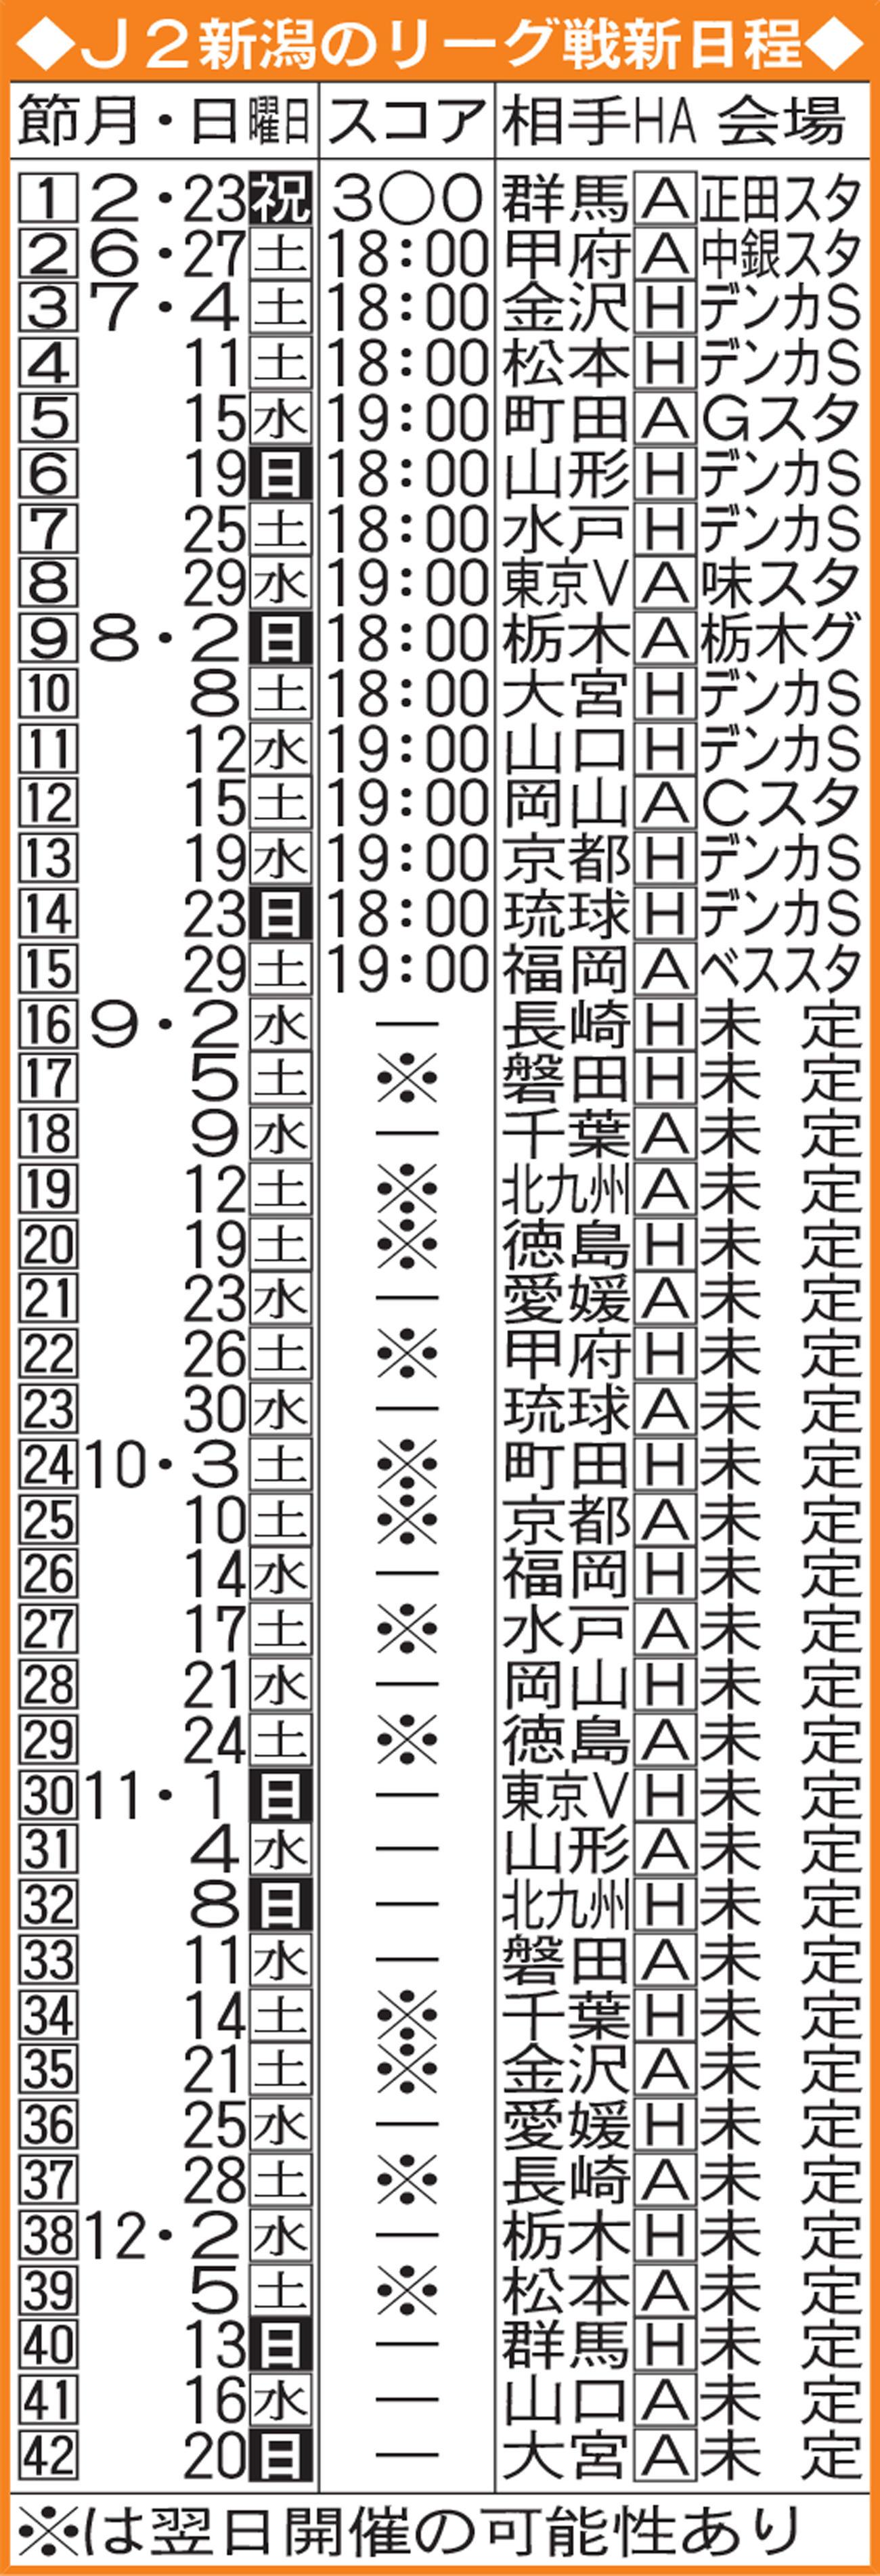 J2新潟のリーグ戦新日程